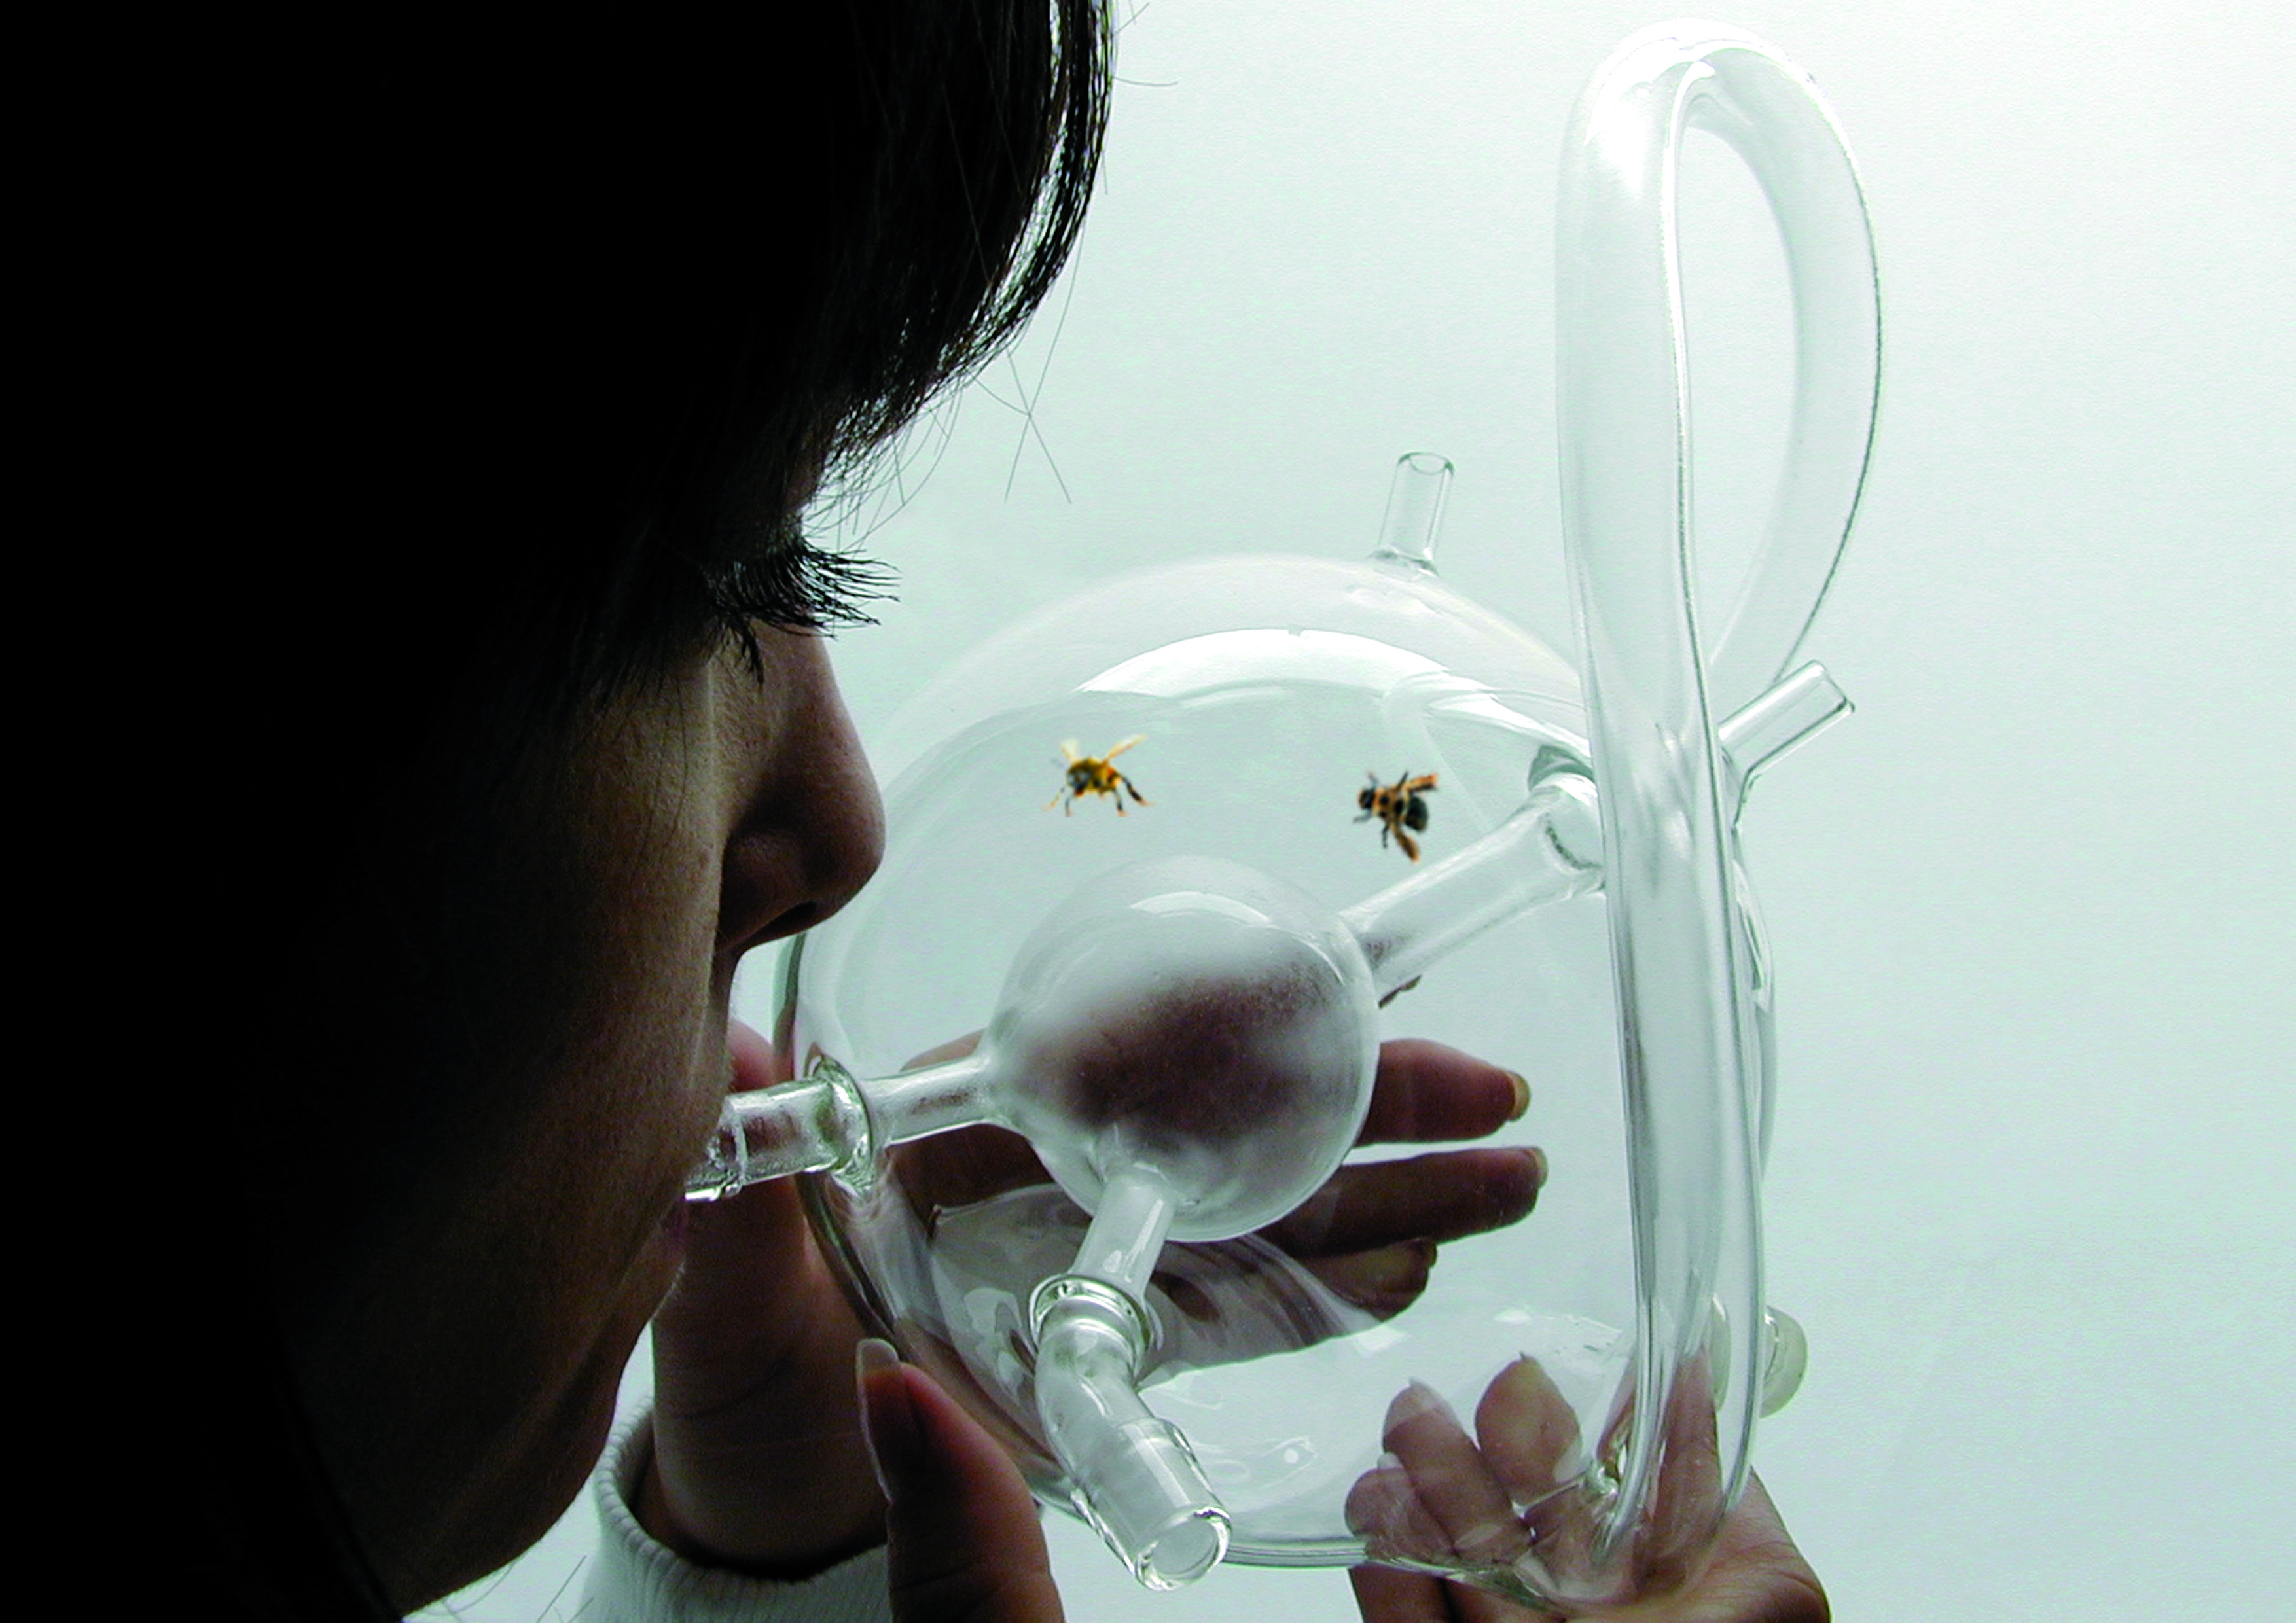 ついに、ガン検診に「昆虫」を使う時代がやってきた